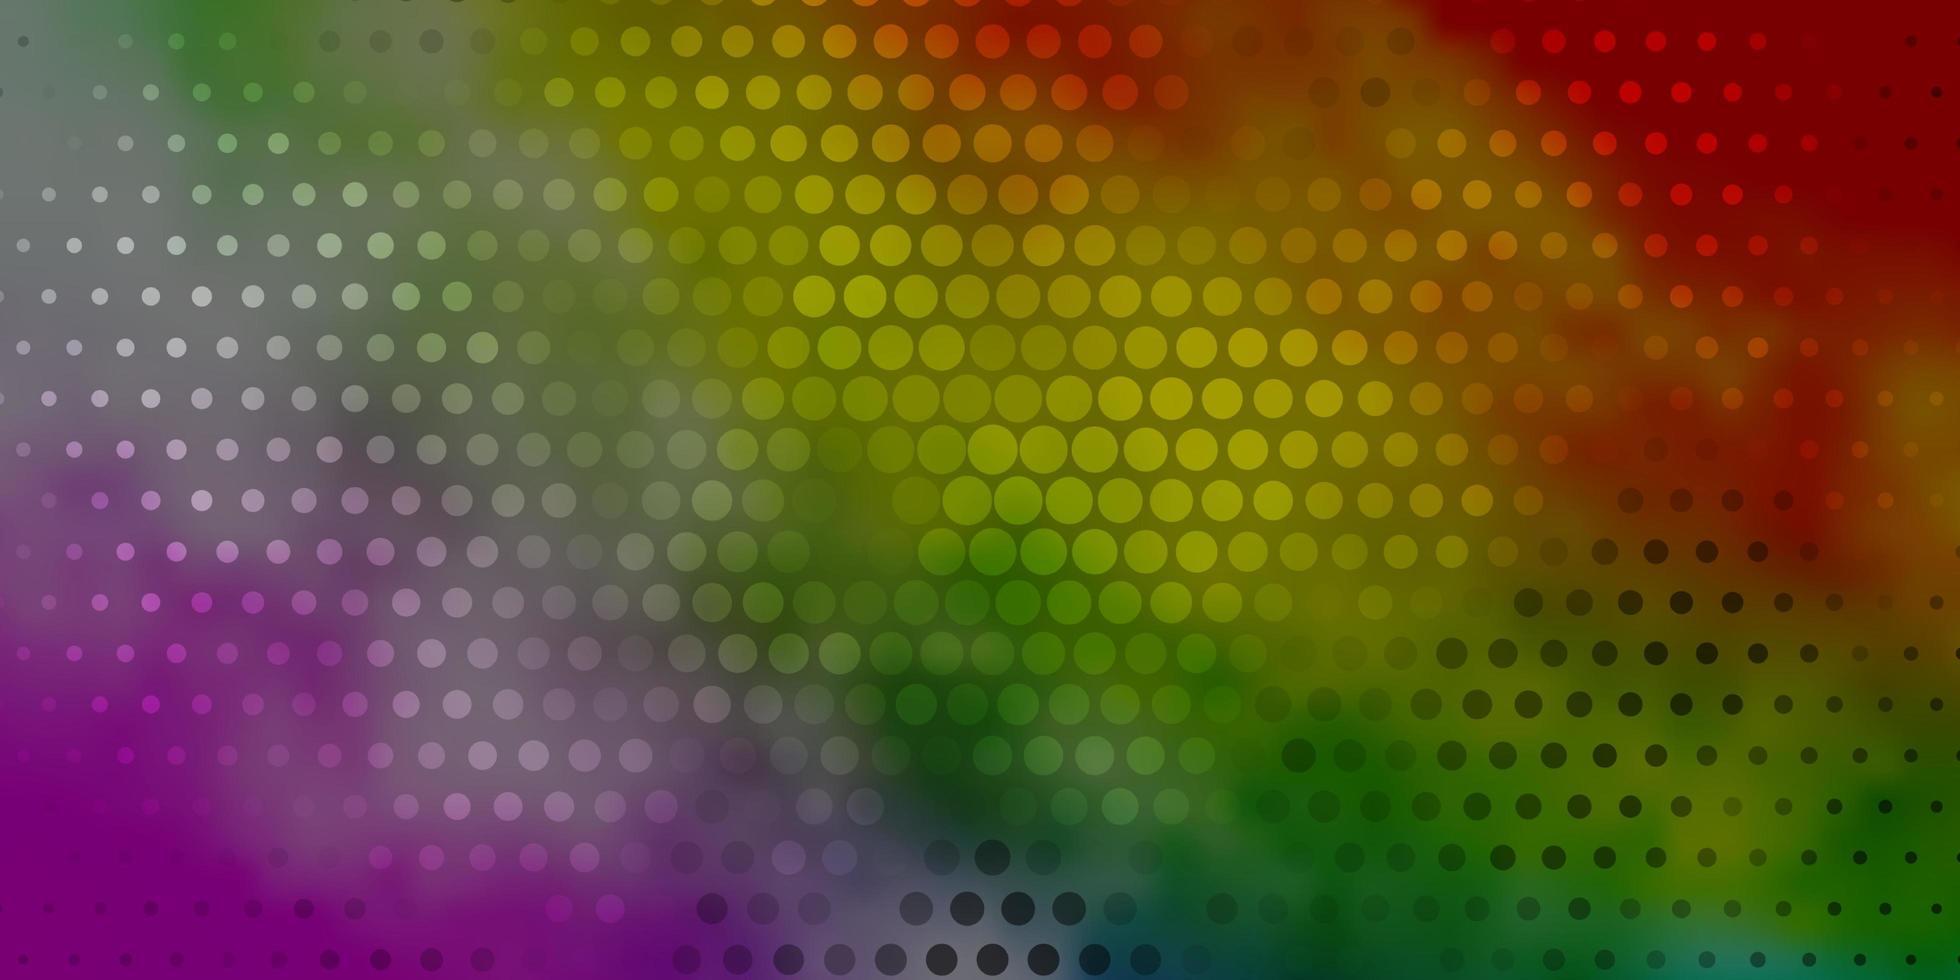 cenário de vetor multicolorido escuro com círculos.